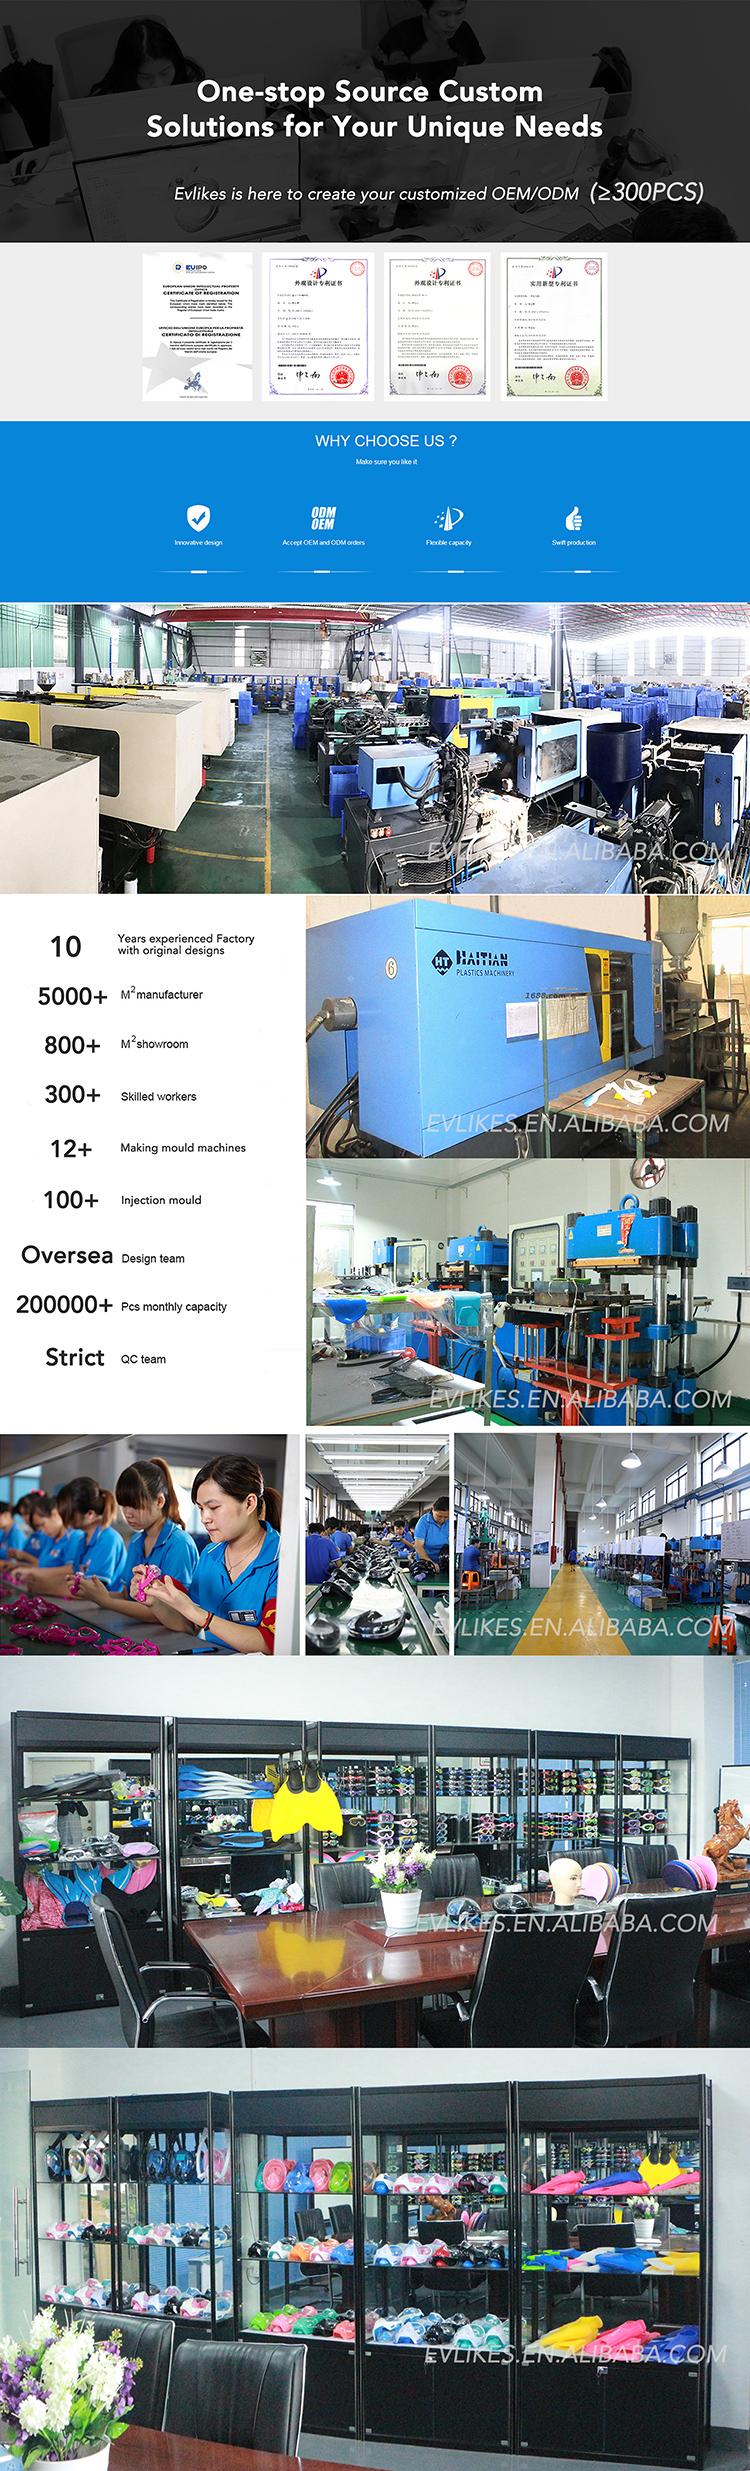 מפעל מכירה לוהטת מים צלילה מסכת טייוואן טקטי פנים מסכות